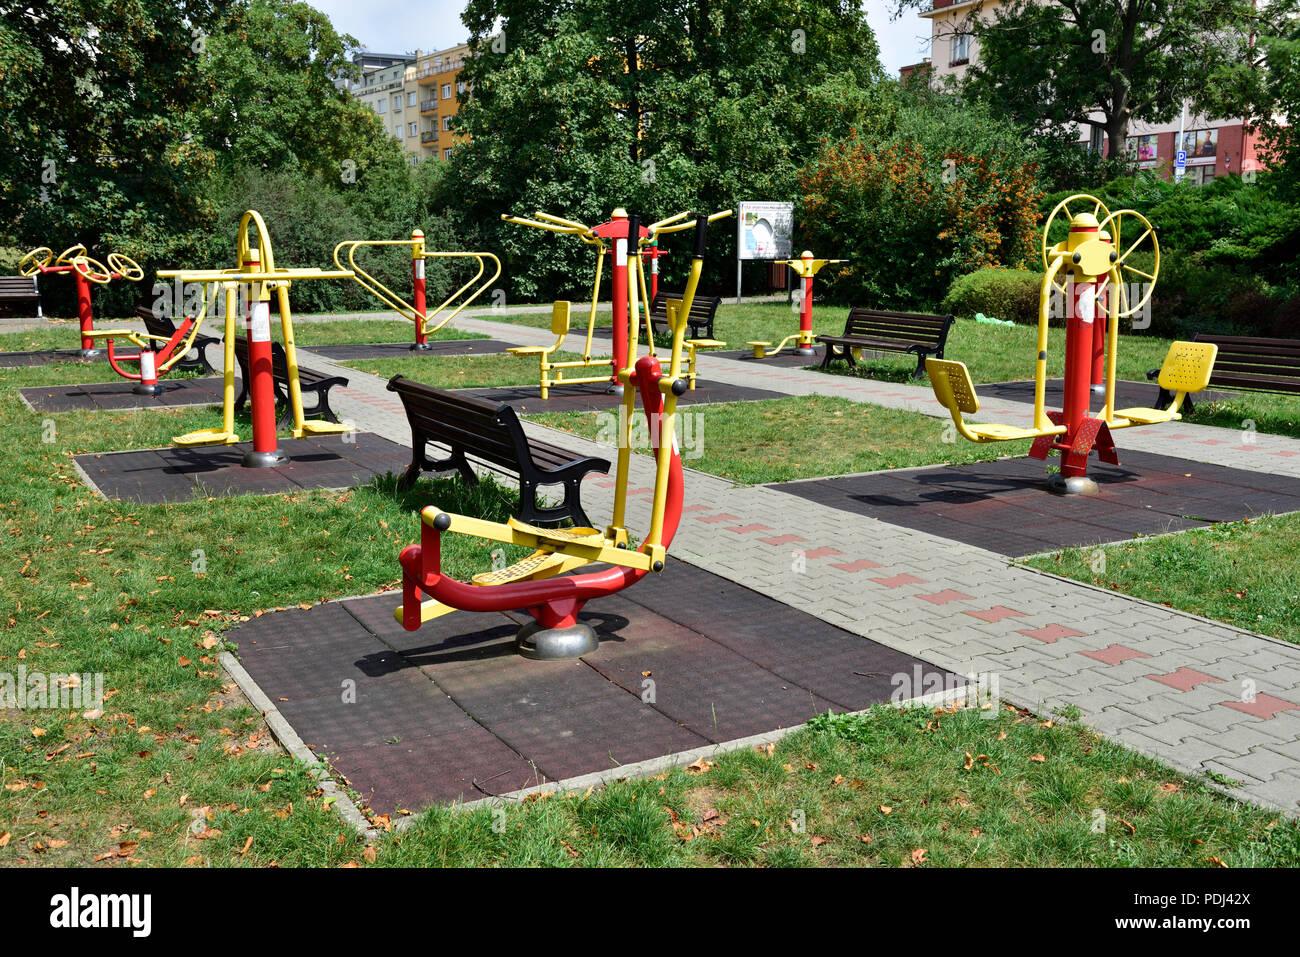 """Equipo de ejercicio público exterior para personas de la tercera edad en el parque, """"parque portuario pro seniory', Praga, República Checa Imagen De Stock"""